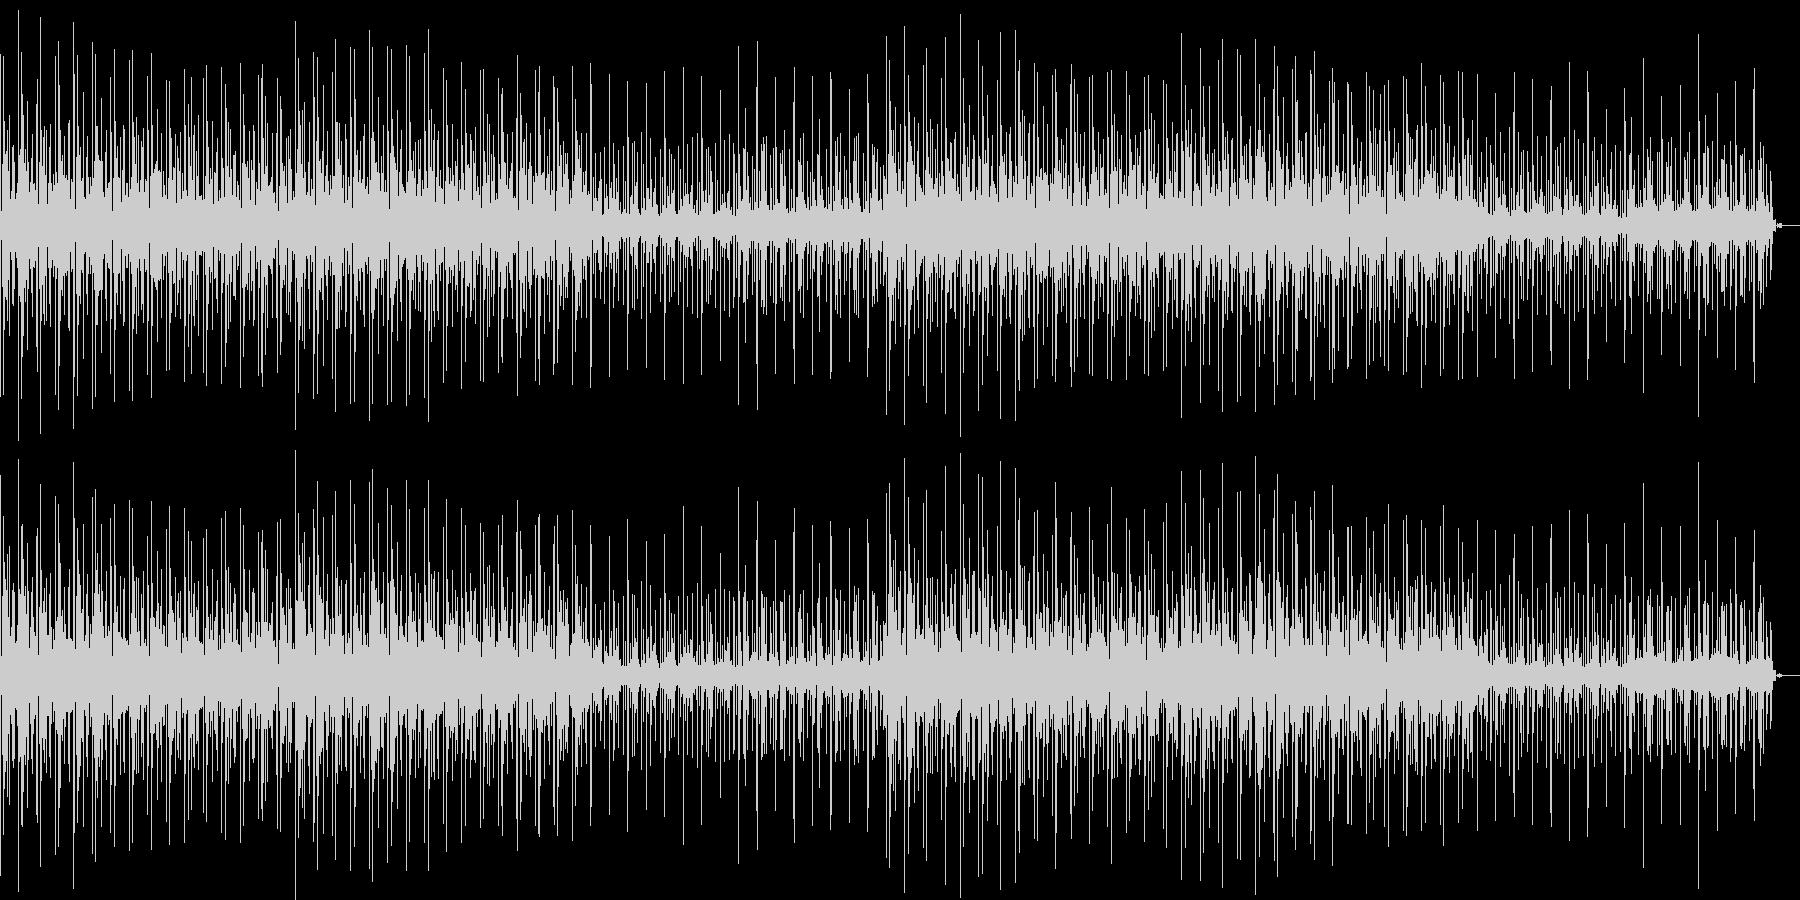 不思議なノスタルジア感アンビエントテクノの未再生の波形